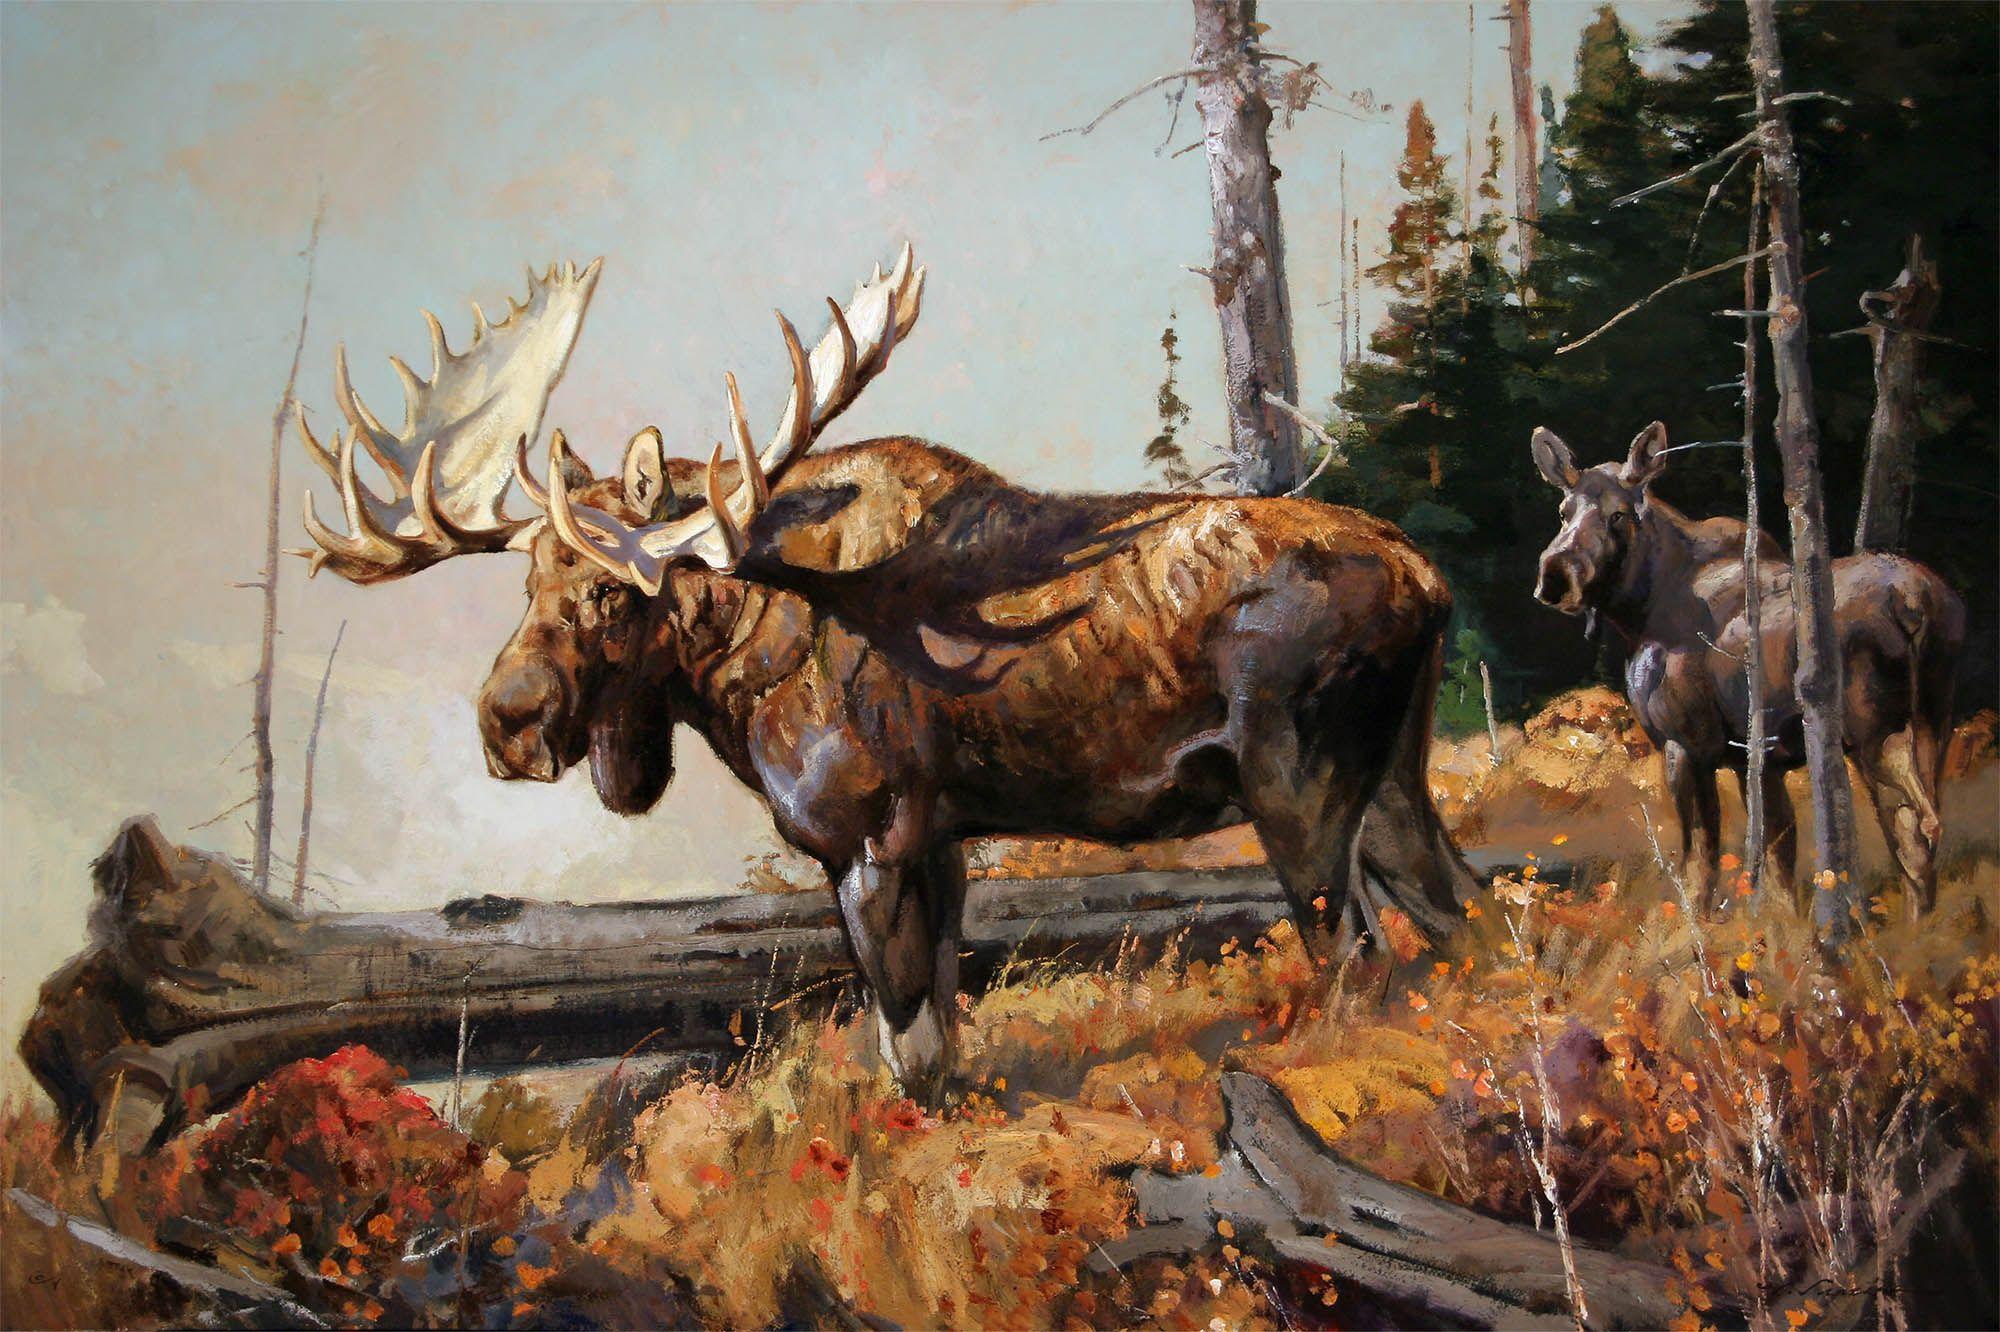 Картинка с охотником и оленями